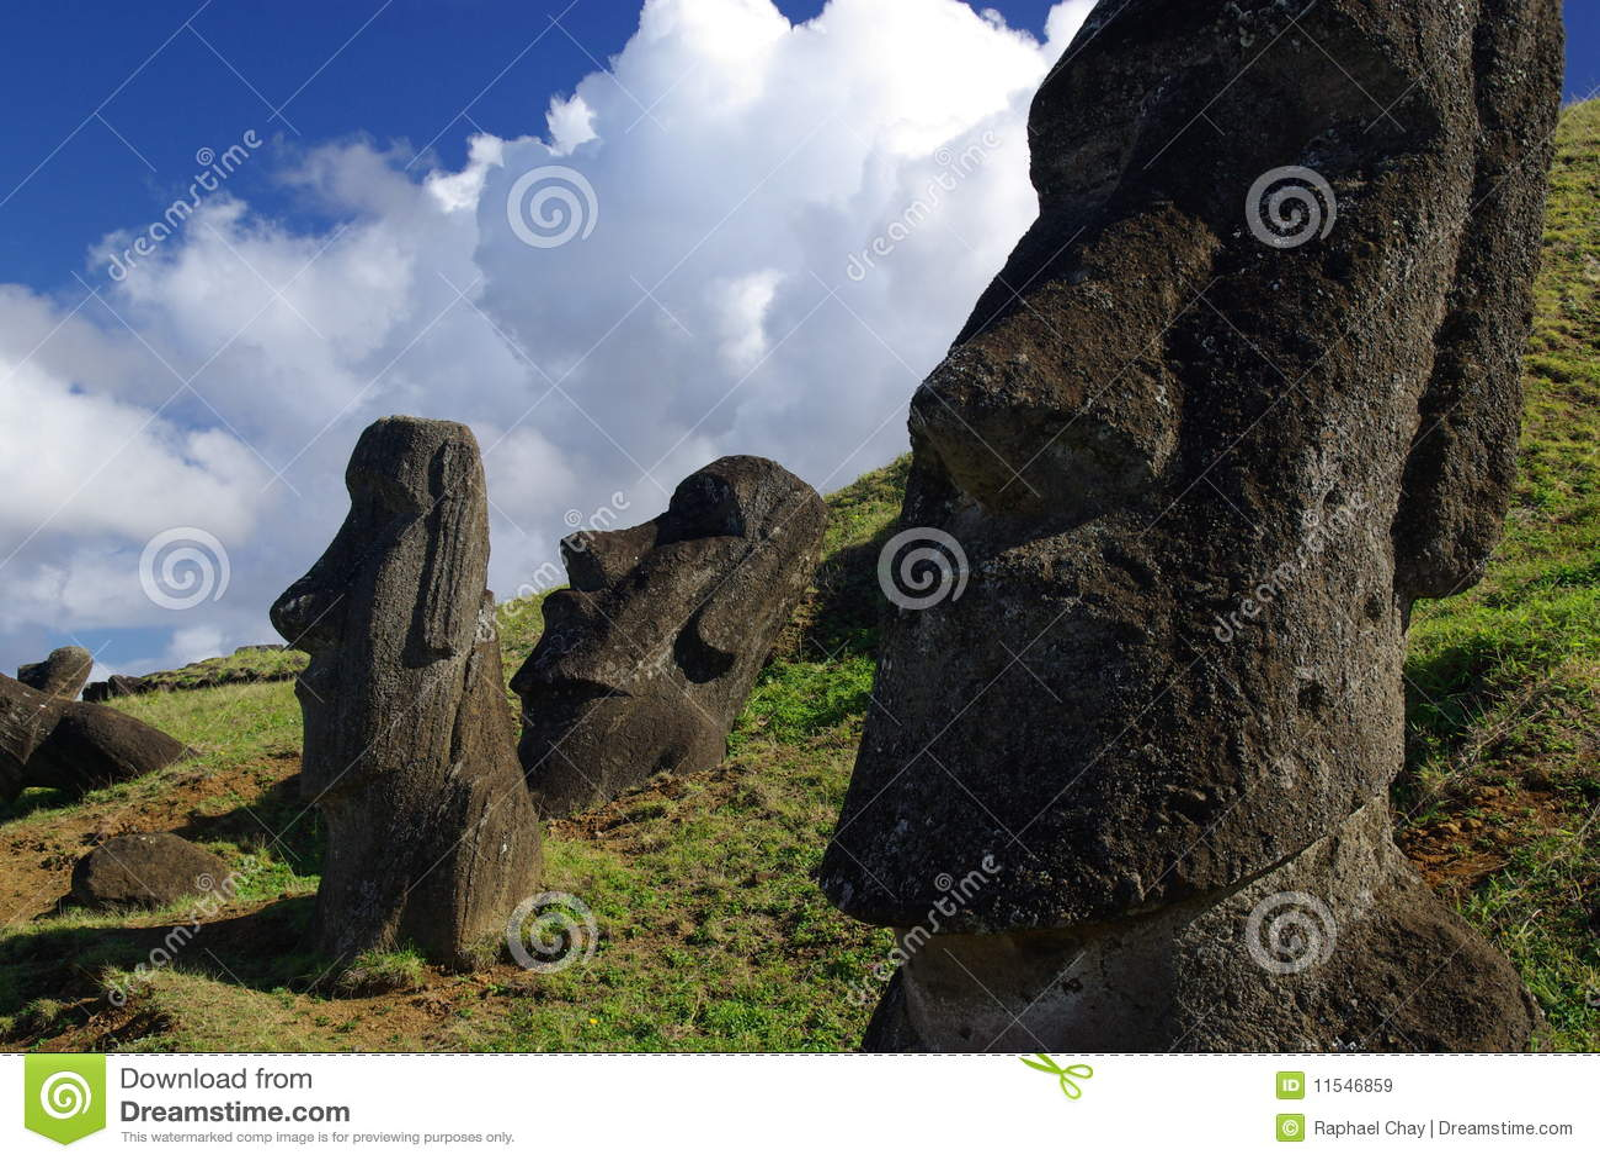 Près des statues